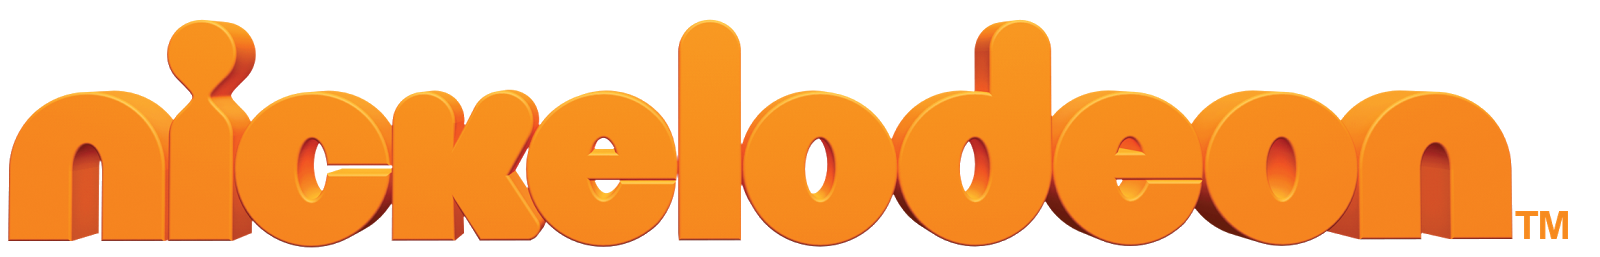 Nickelodeon - Mundo Nicktoons